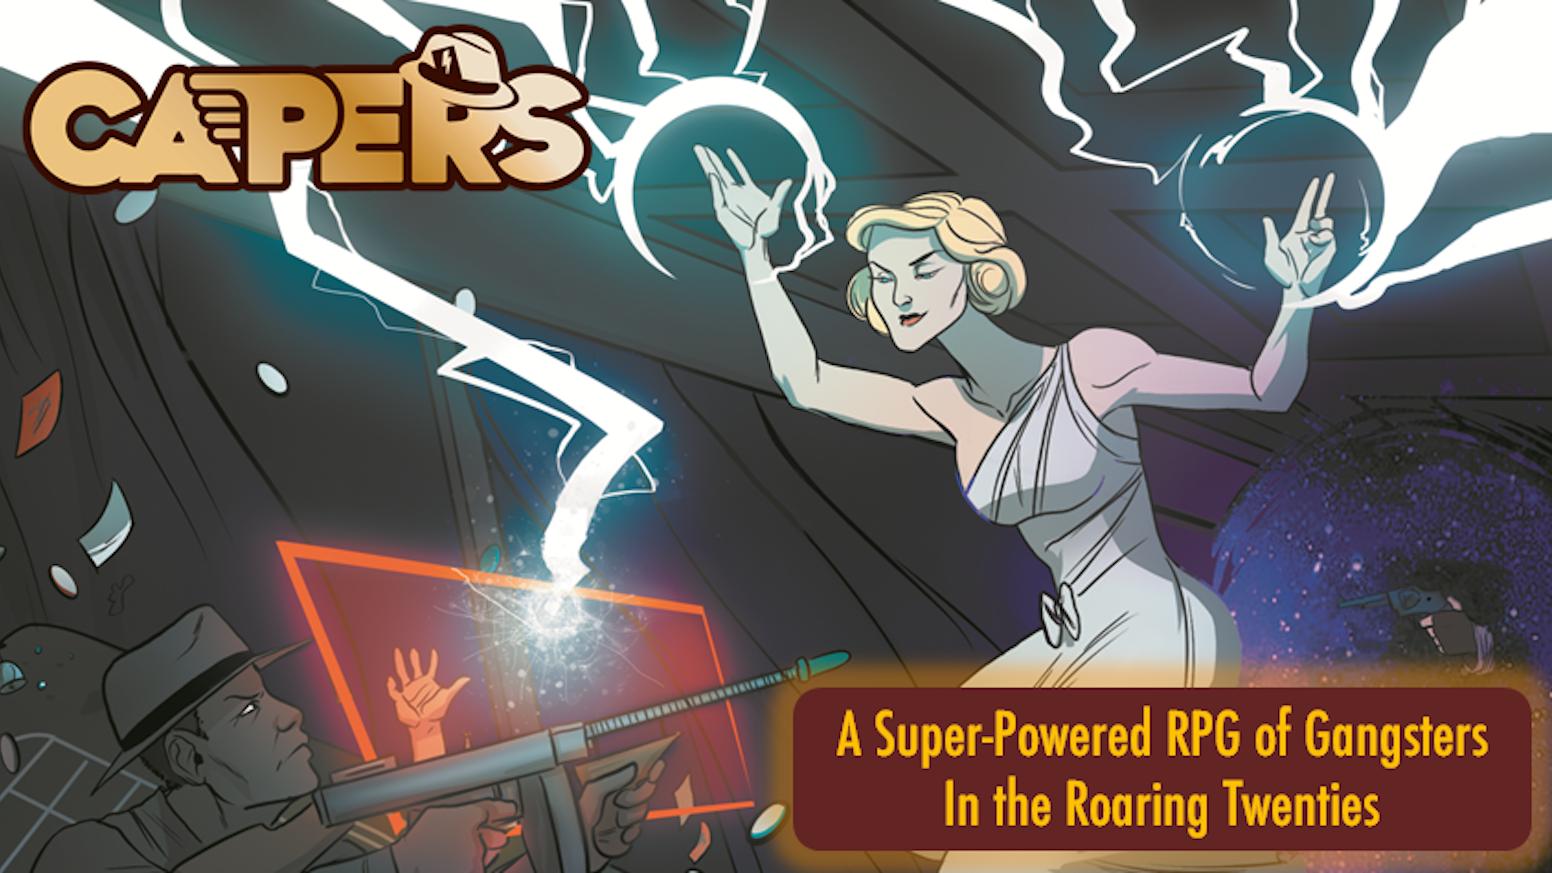 A Super-Powered RPG of Gangsters in the Roaring Twenties.